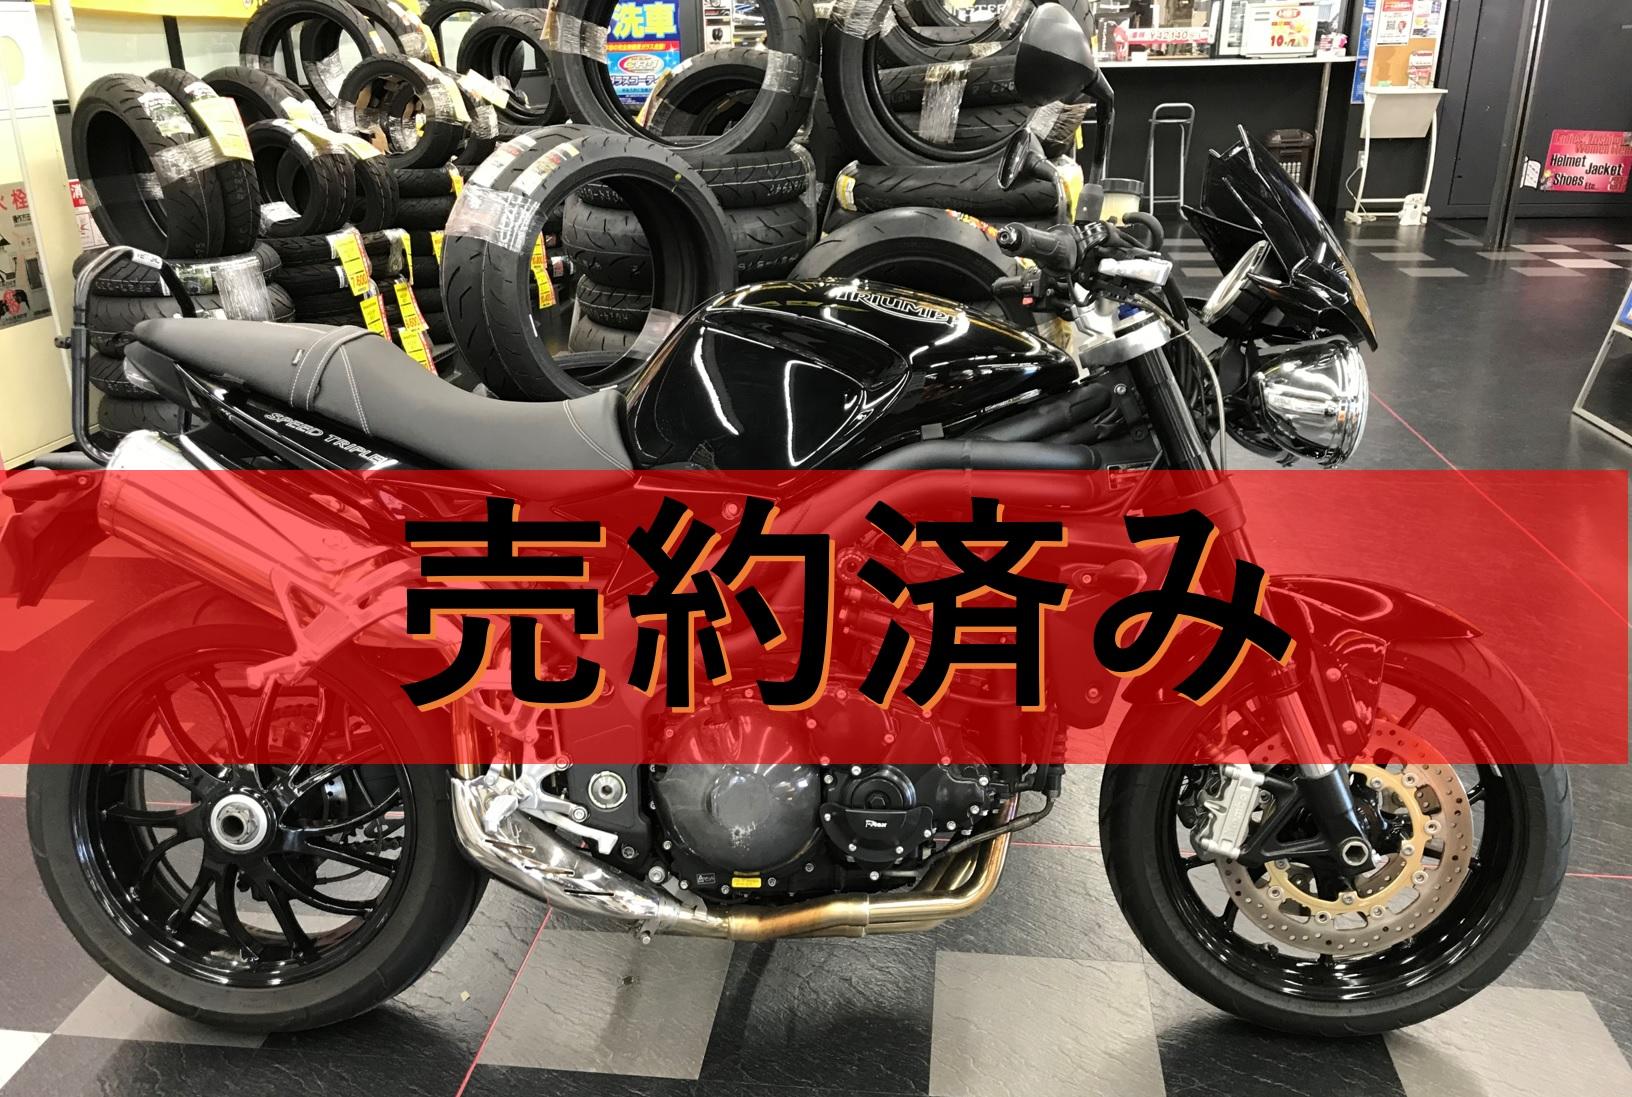 TRIUMPH 【販売車両】スピードトリプル 後期専用ブレンボブレーキ/グリップヒーター/エンジンスライダー付き